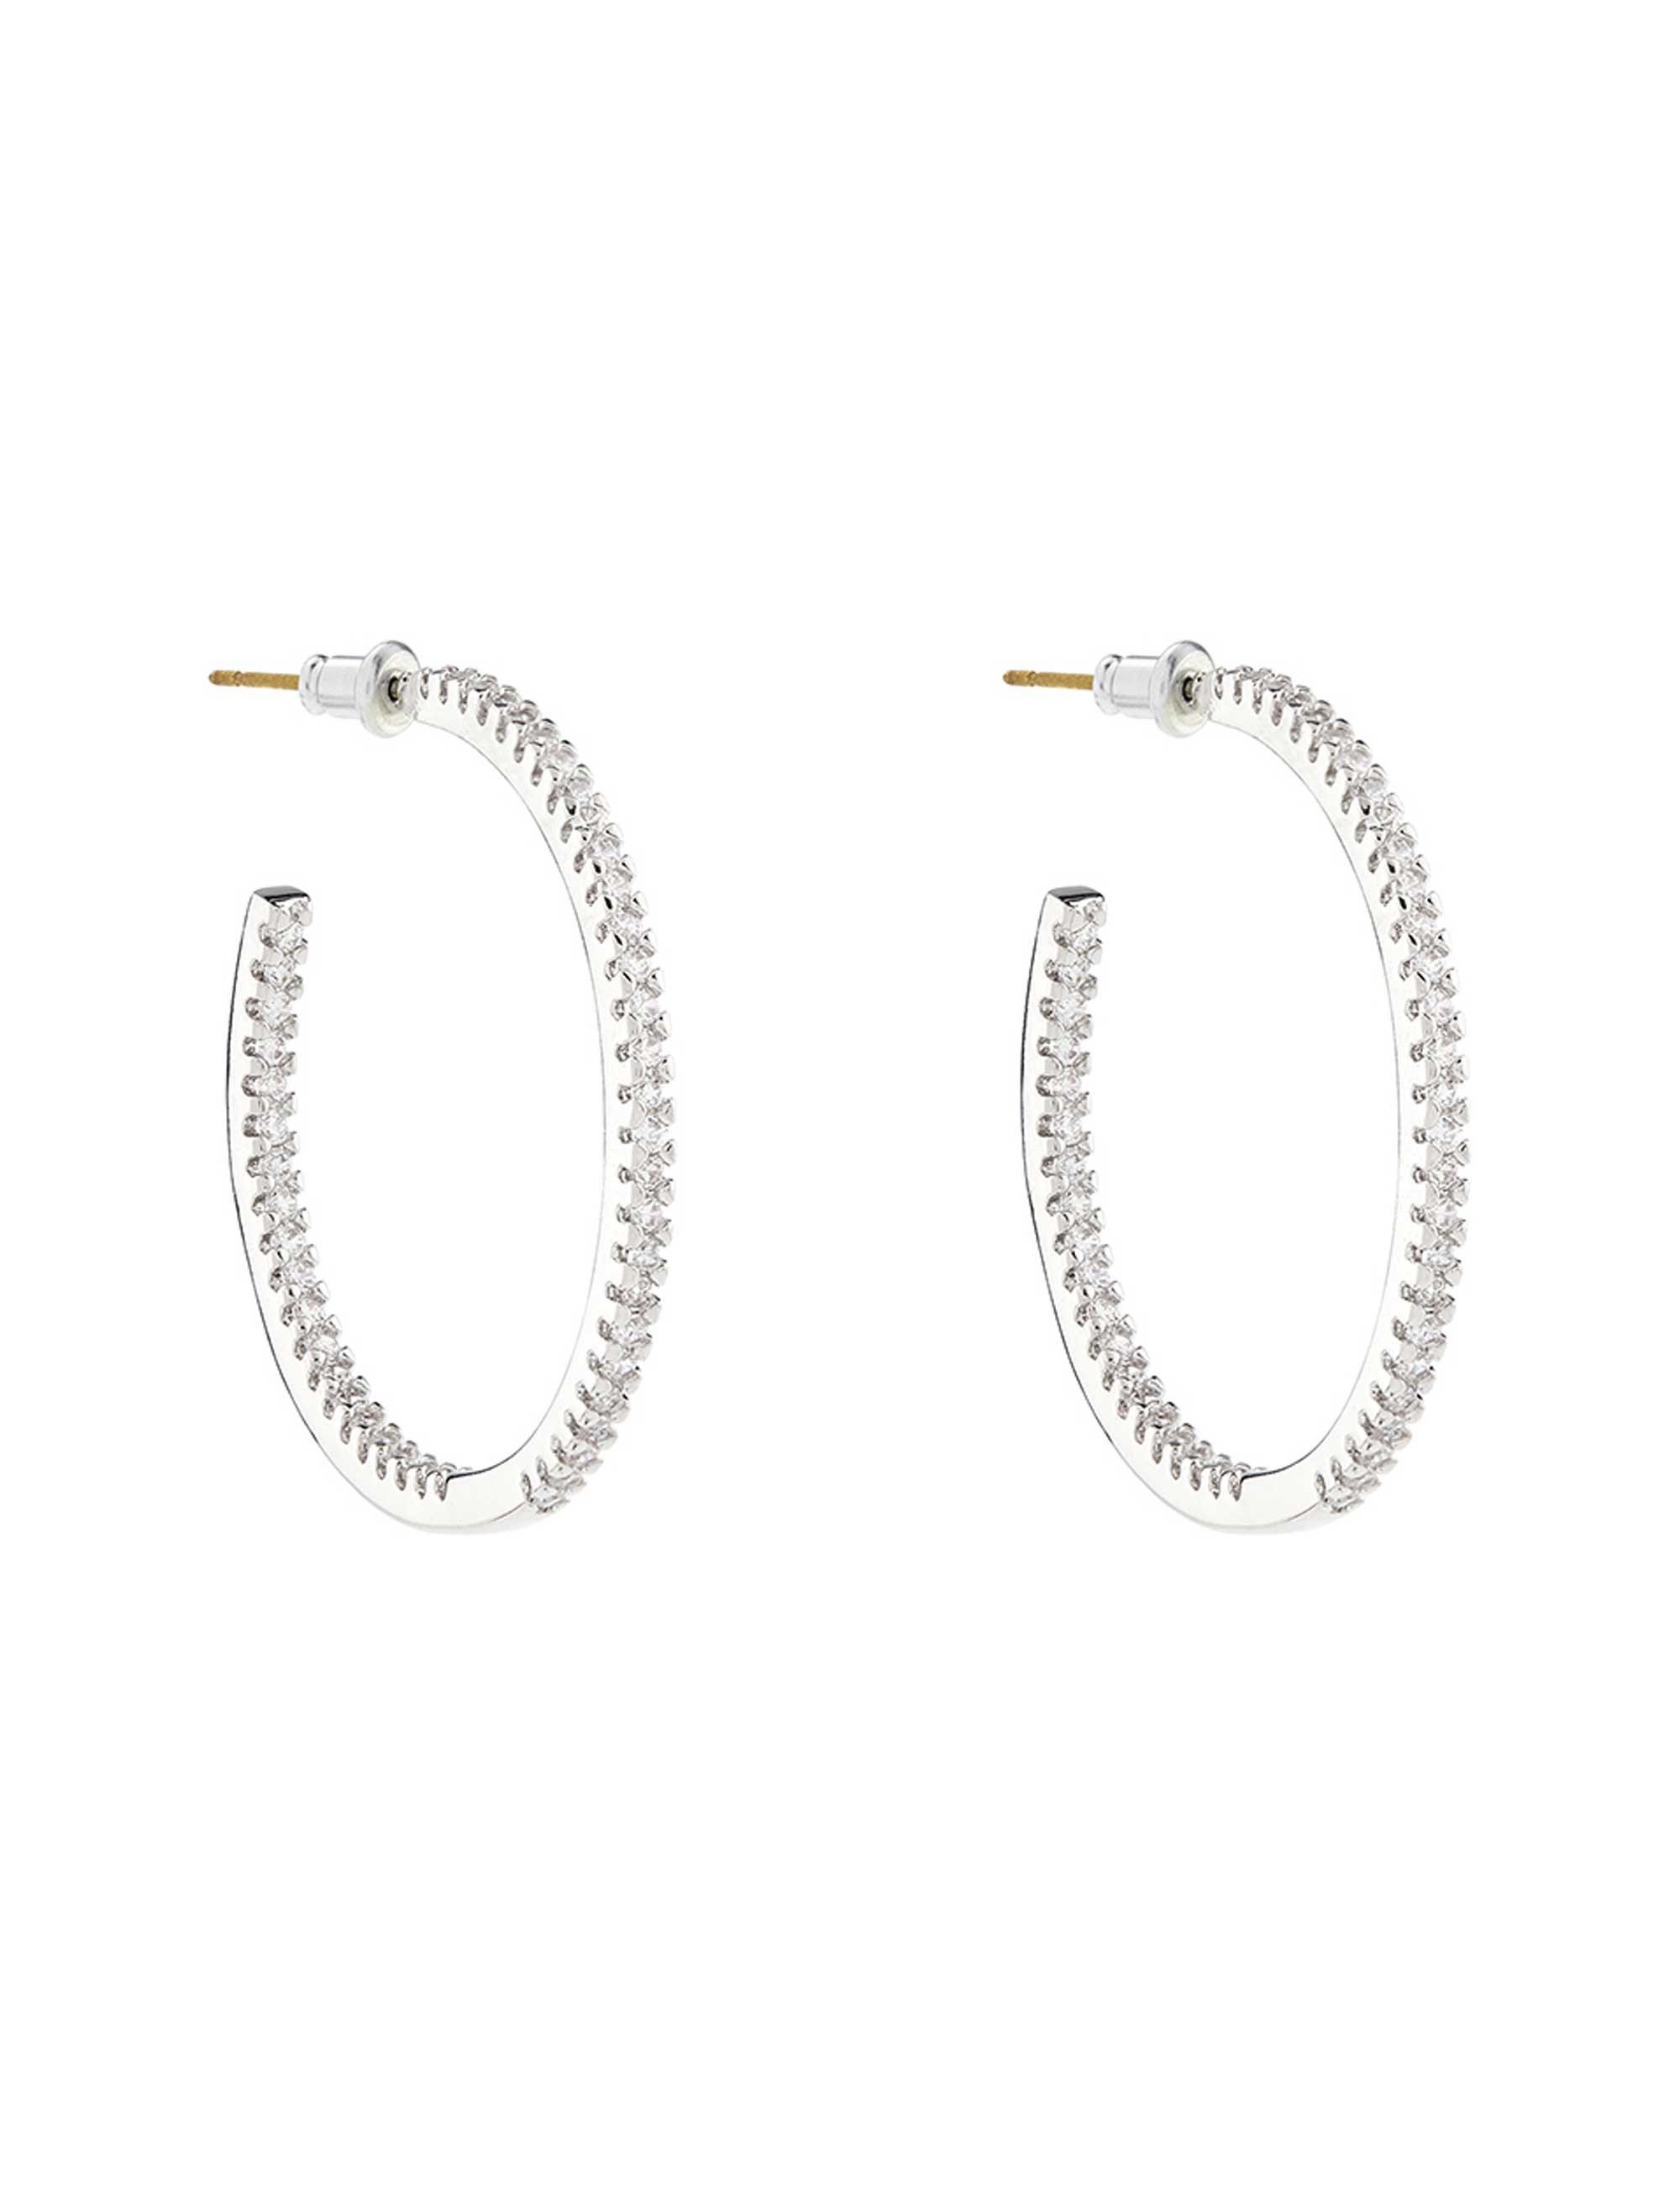 گوشواره حلقه ای زنانه - اکسسوریز تک سایز